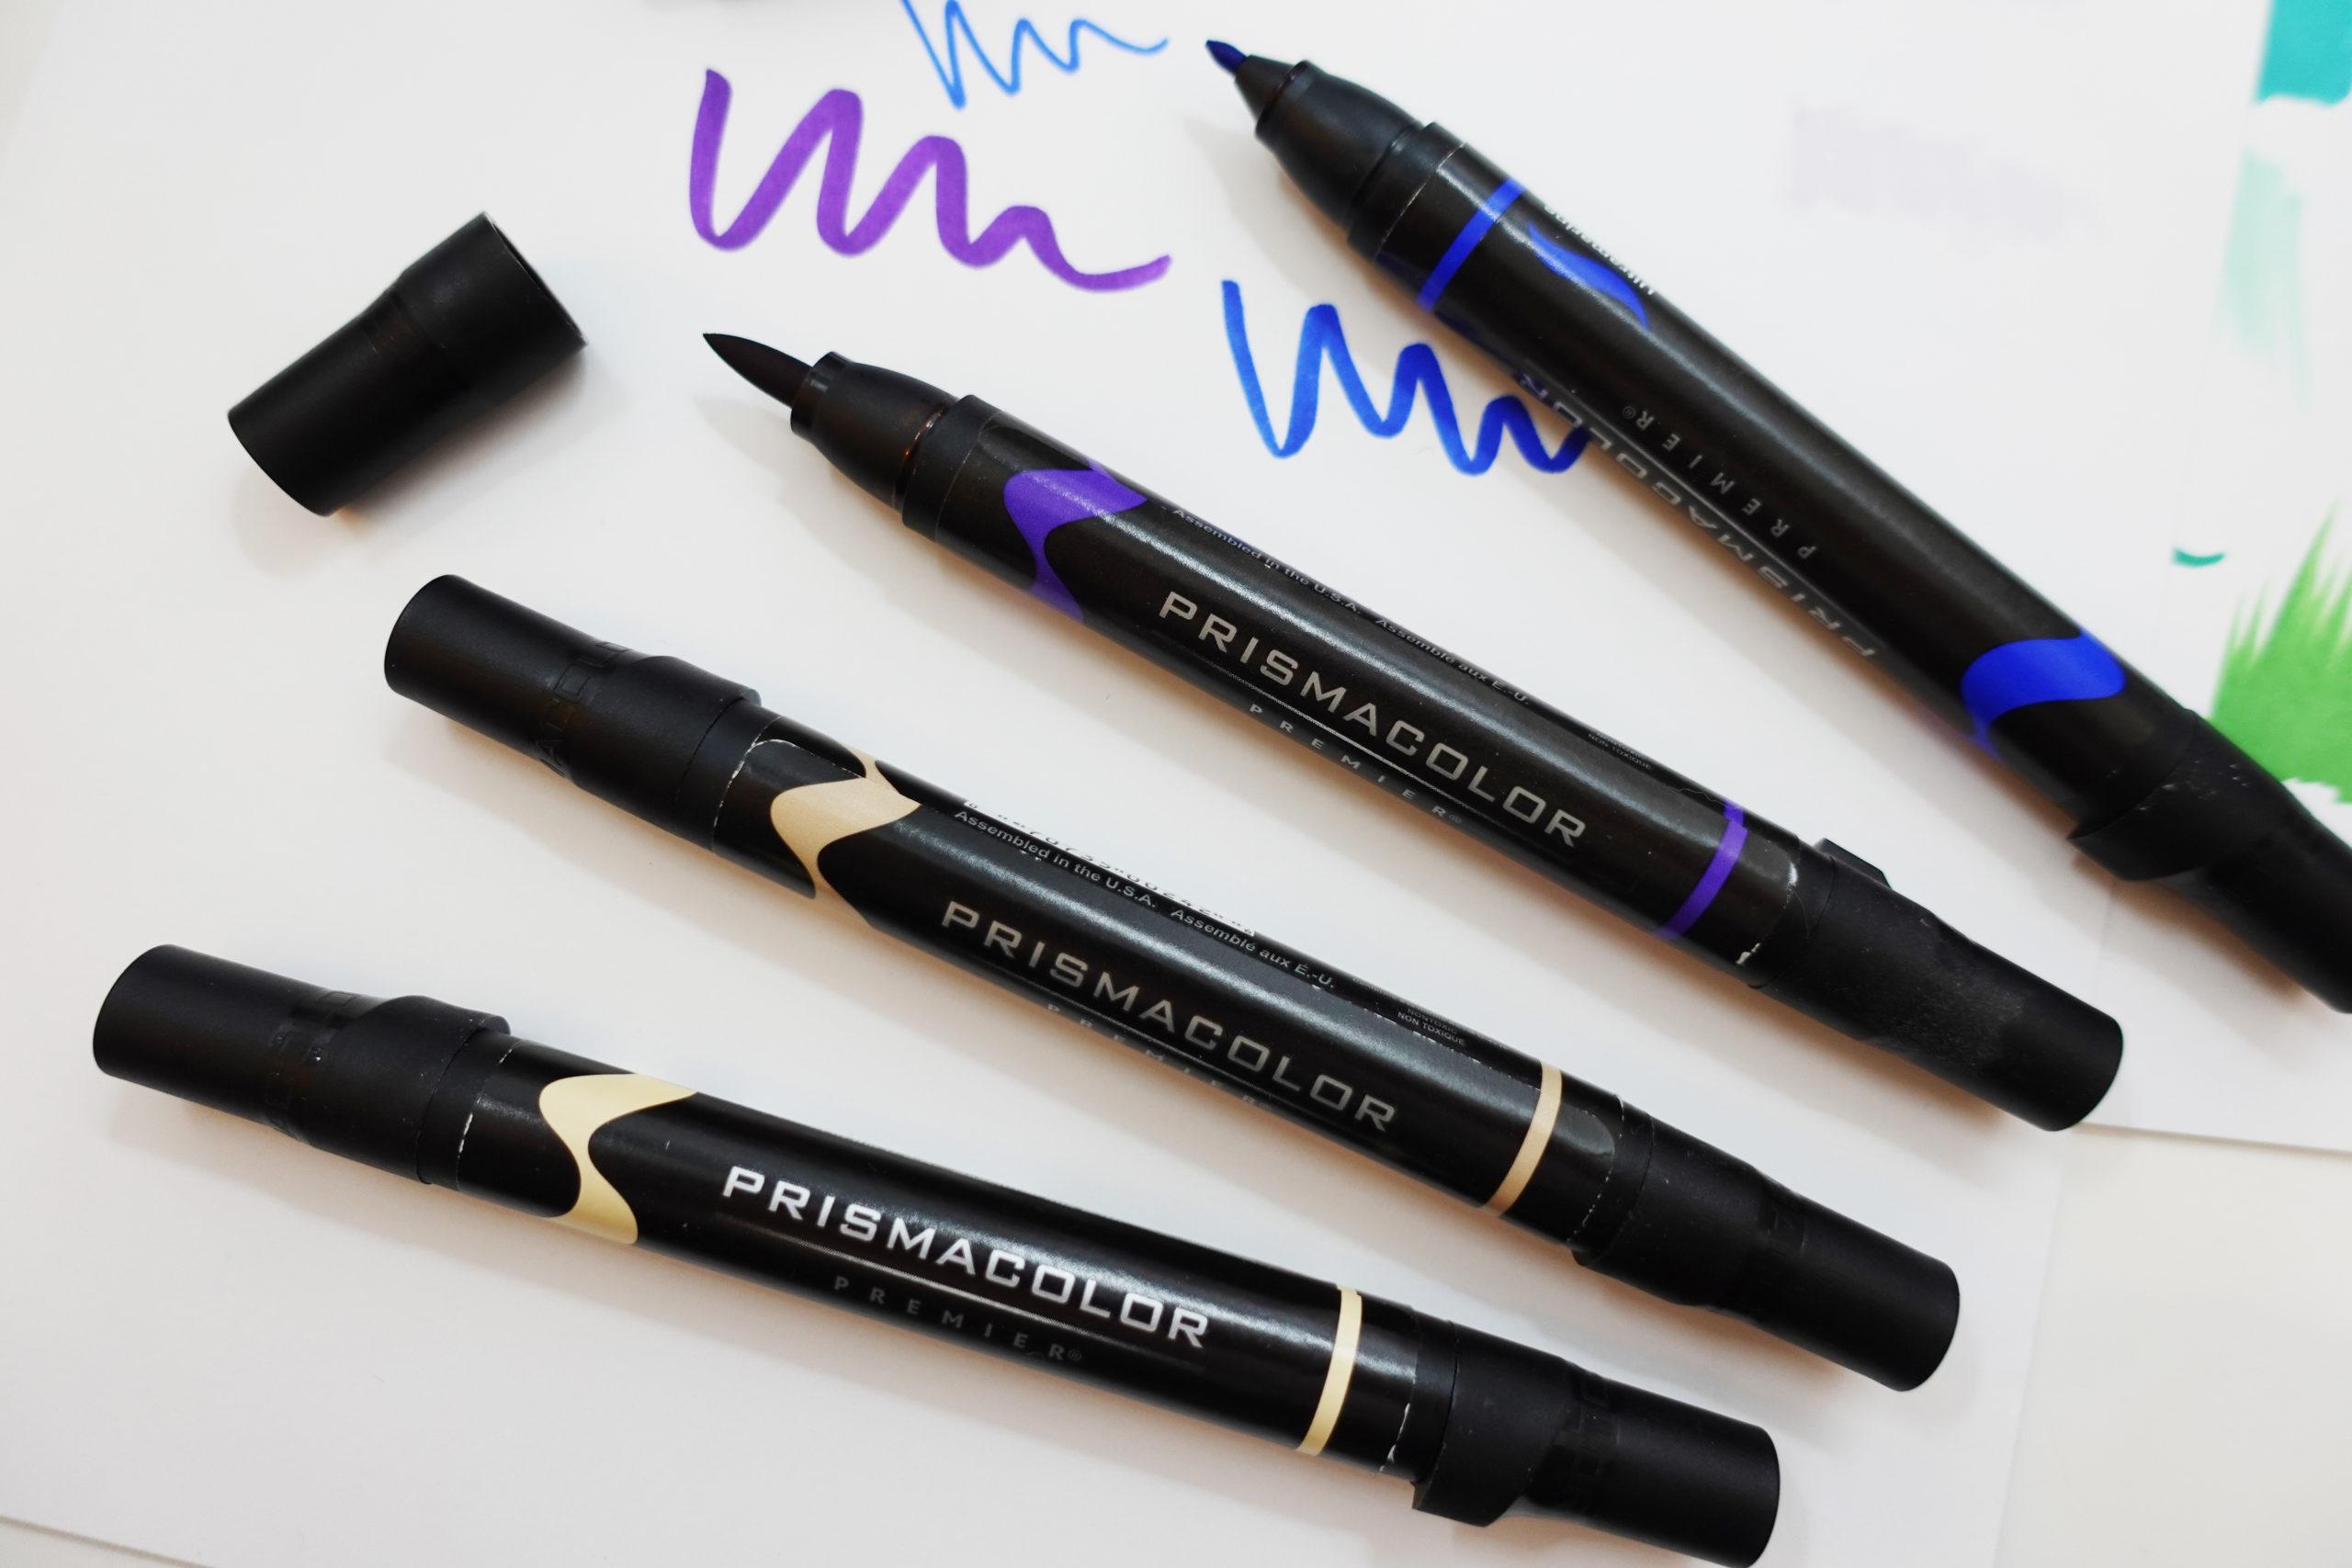 Prismacolor Premier Brush Markers - Joanna Baker